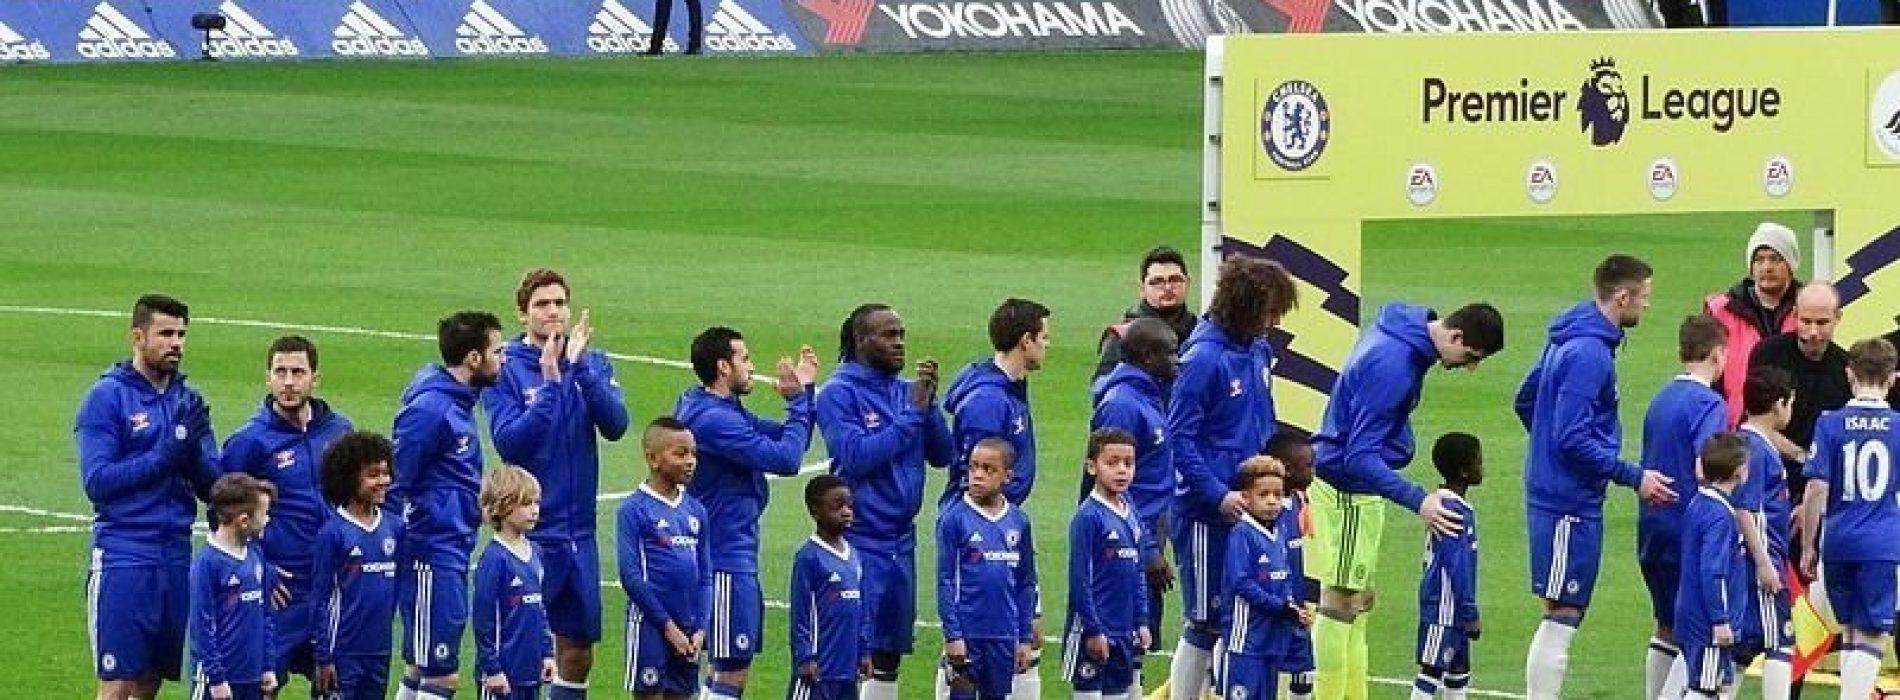 Premier League: le quote della prima giornata della stagione 2019/2020